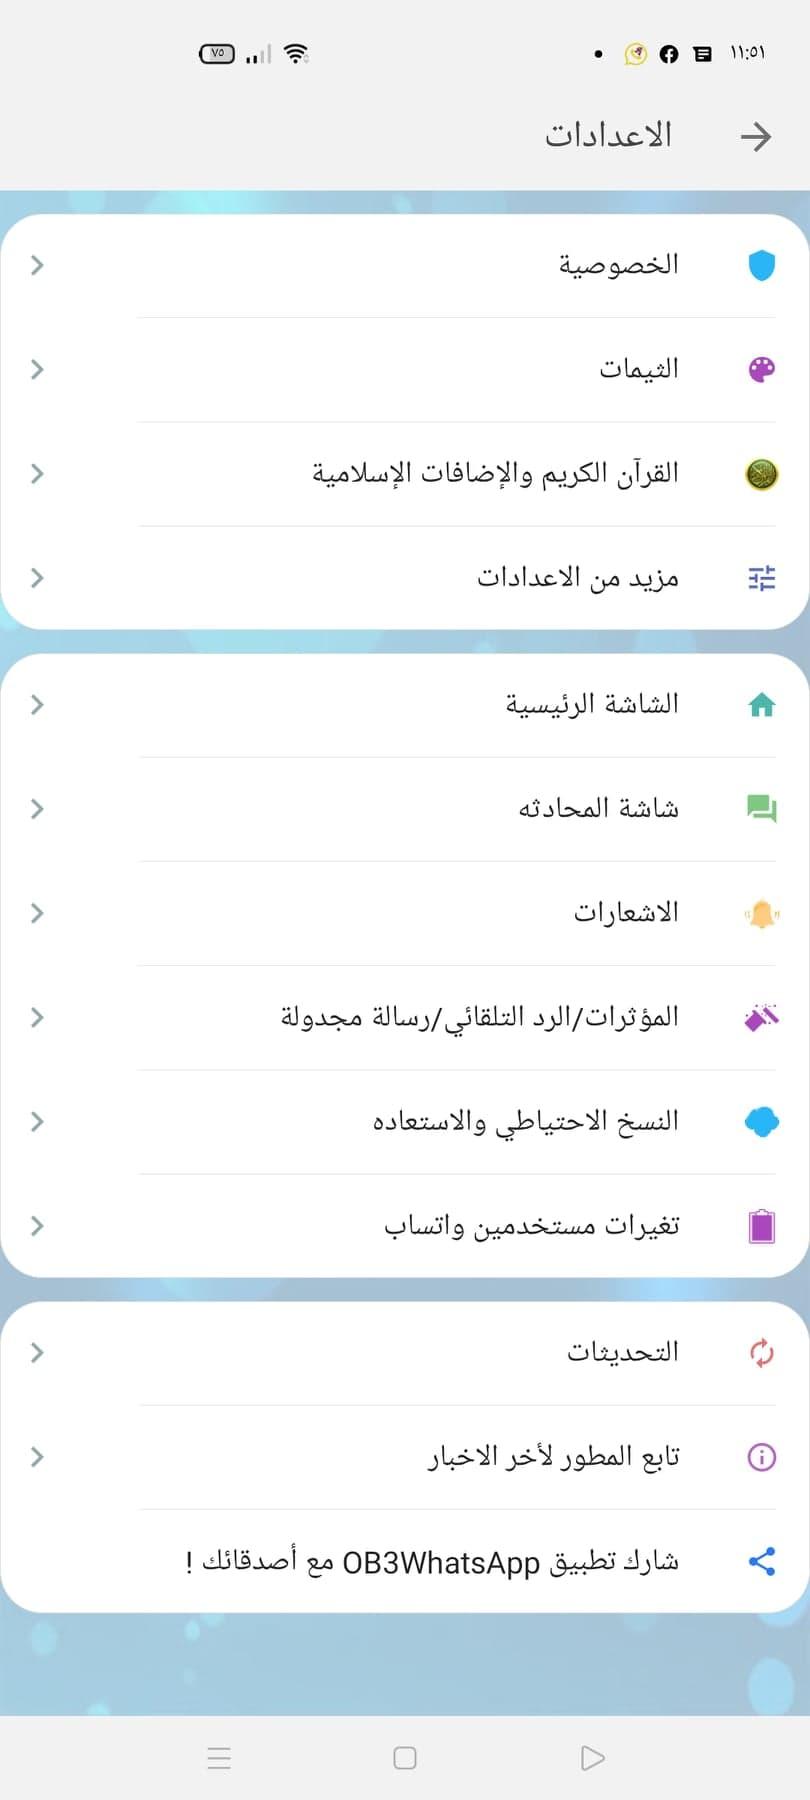 واتساب عمر الازرق 4 واتساب عمر الوردي Obwhatsapp جميع النسخ اخر اصدار 2020 مجانًا للاندرويد